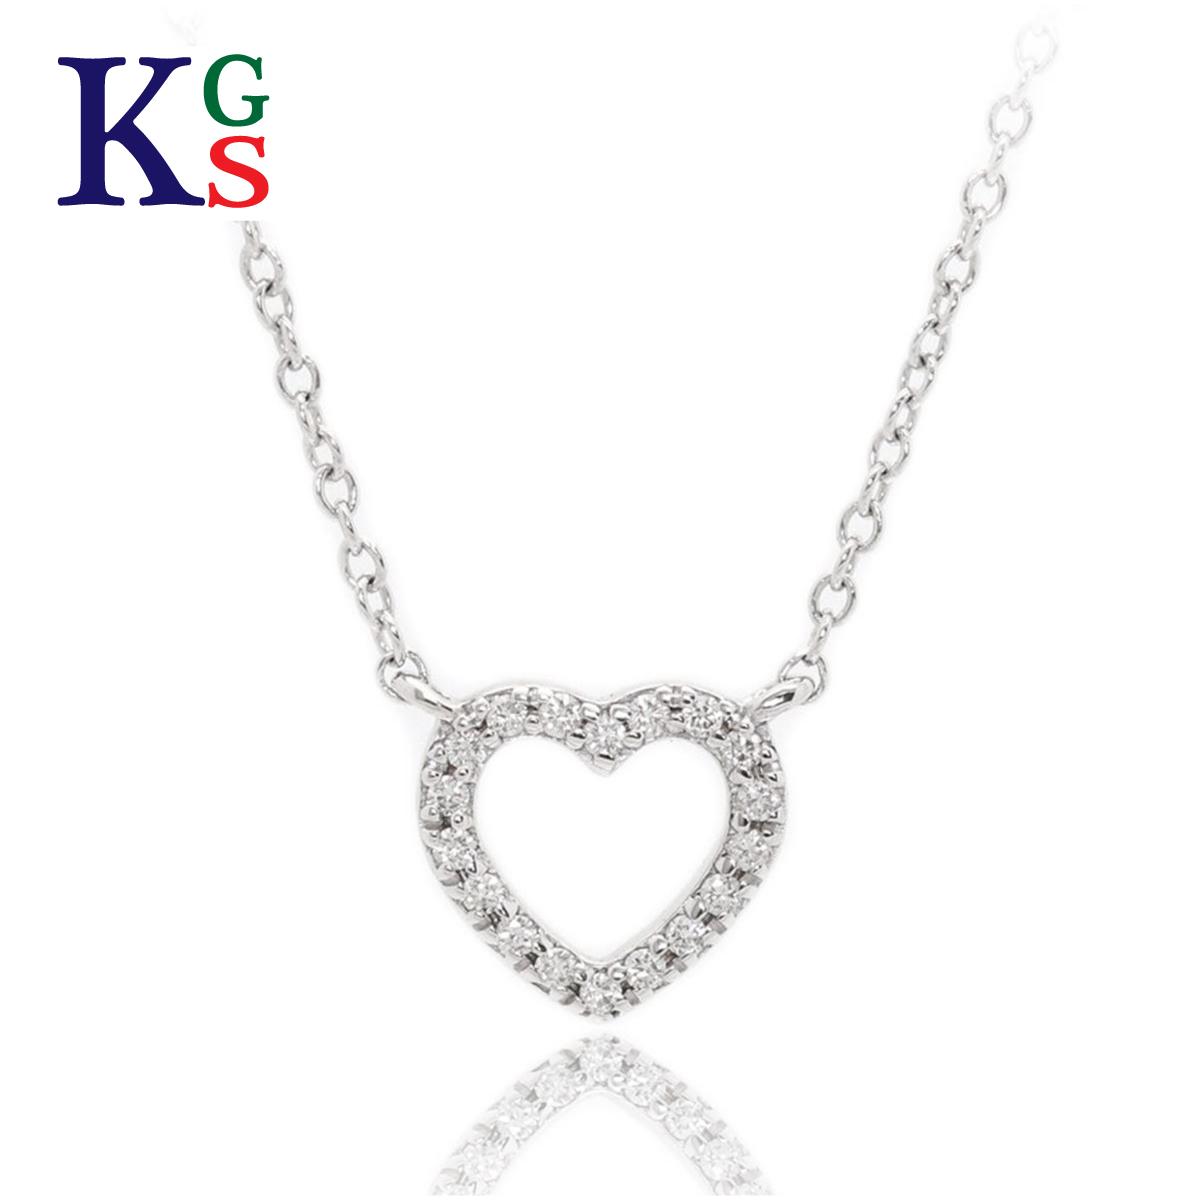 【ギフト品質】ティファニー/Tiffany&co レディース ジュエリー メトロハート ネックレス ホワイトゴールド K18WG 18Pダイヤ